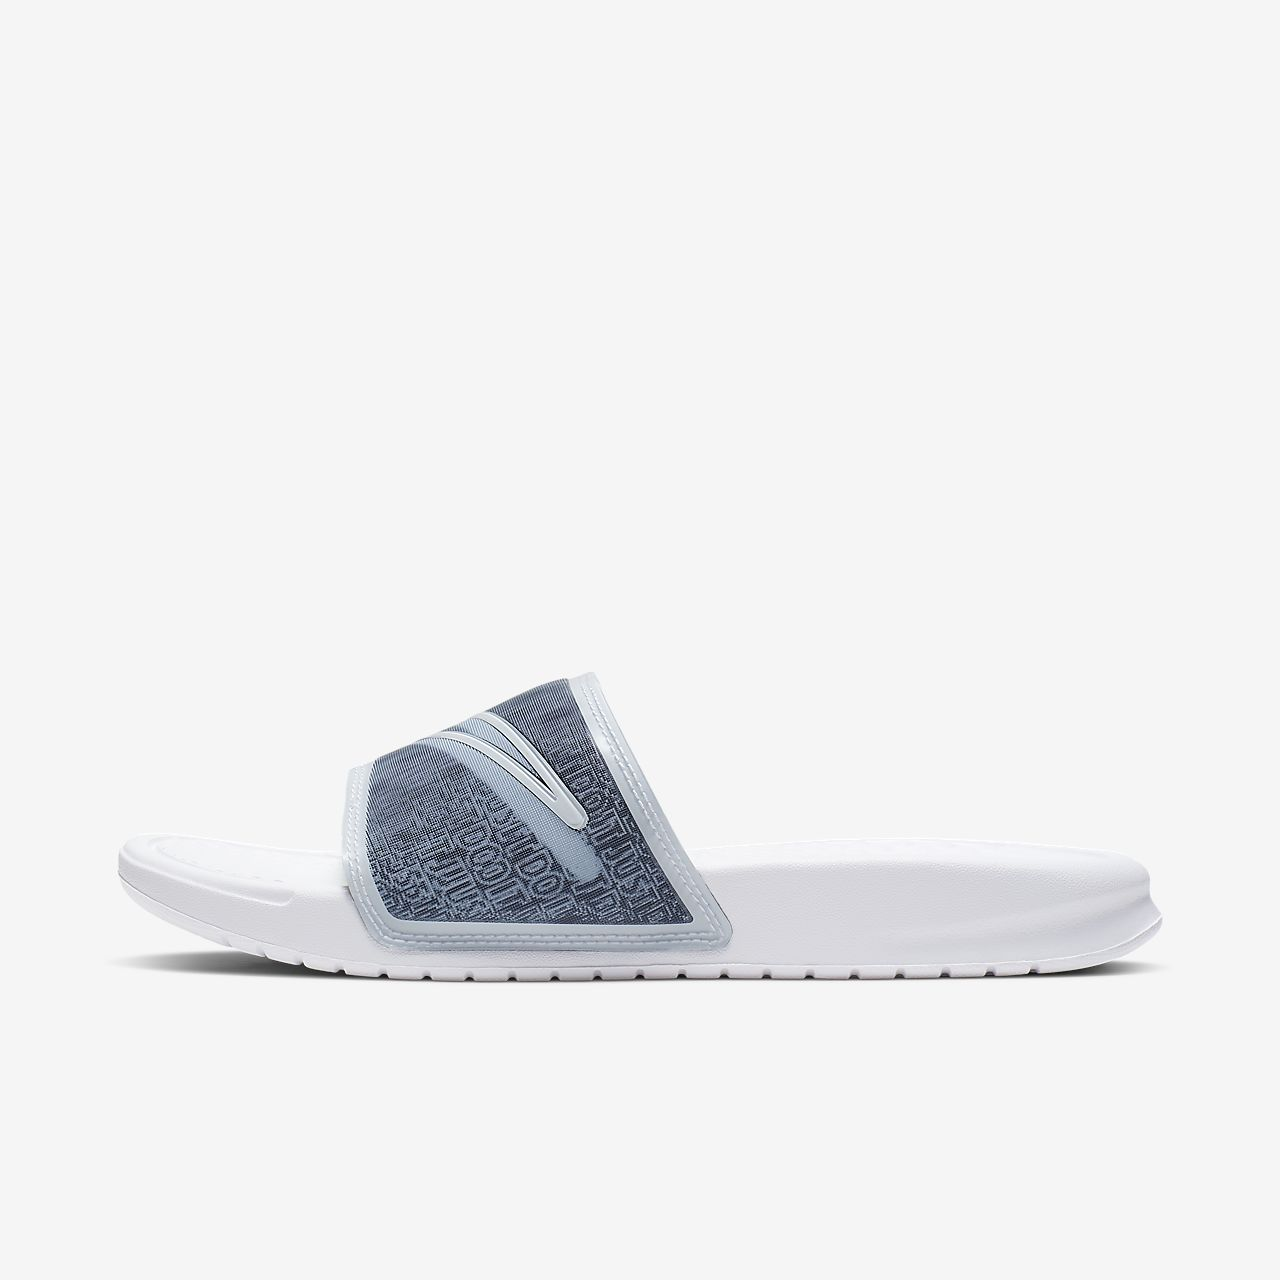 mode attrayante dernière vente dernière collection Sandale Nike Benassi LX pour Femme